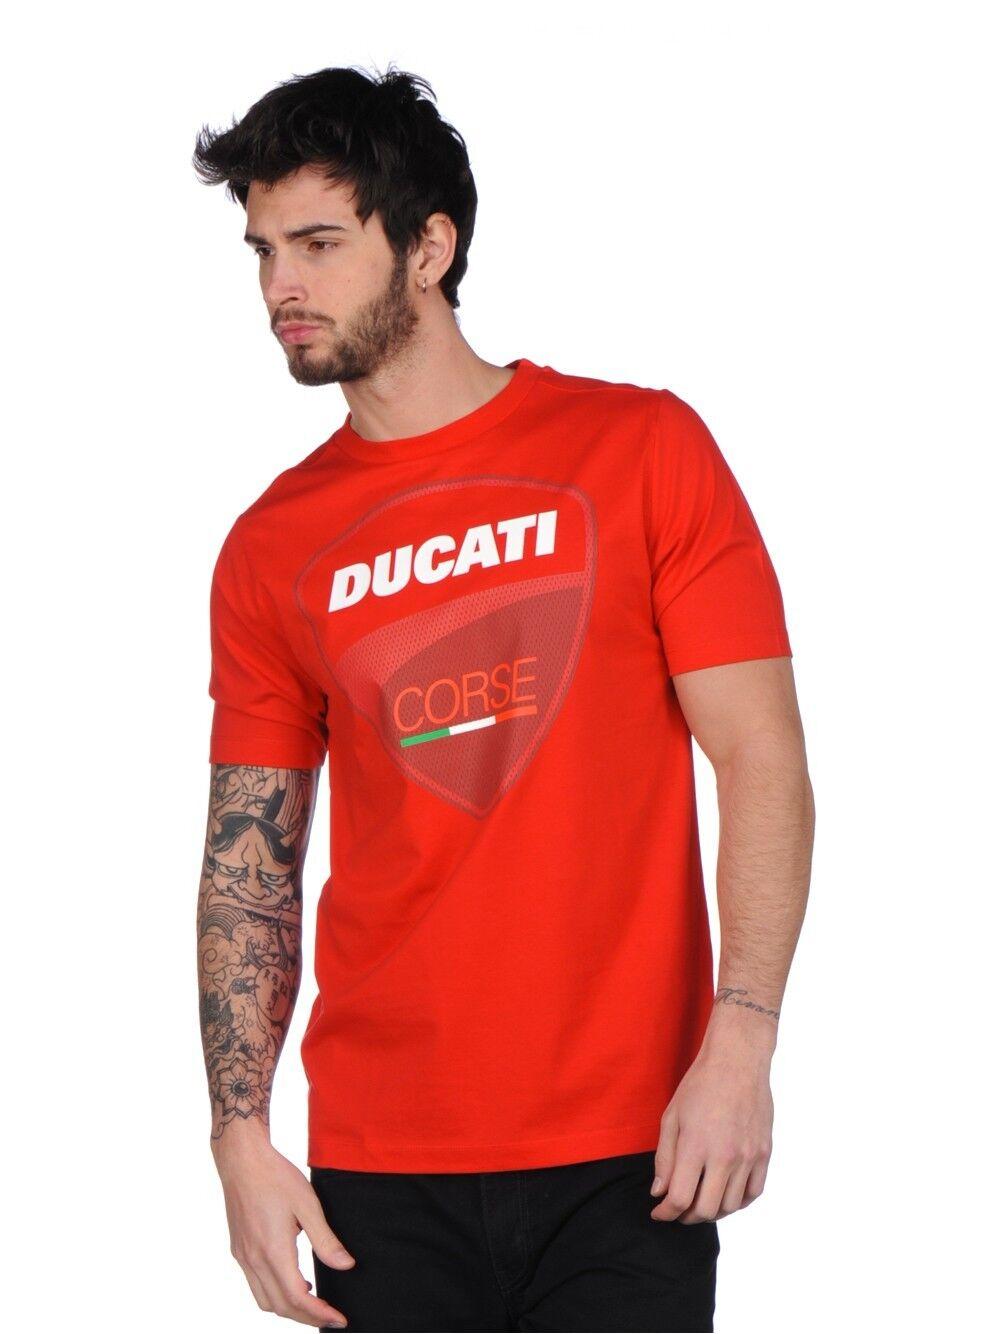 Official Ducati Corse Official Man's T'Shirt - 17 36001       Good Design    Marke    Vielfalt